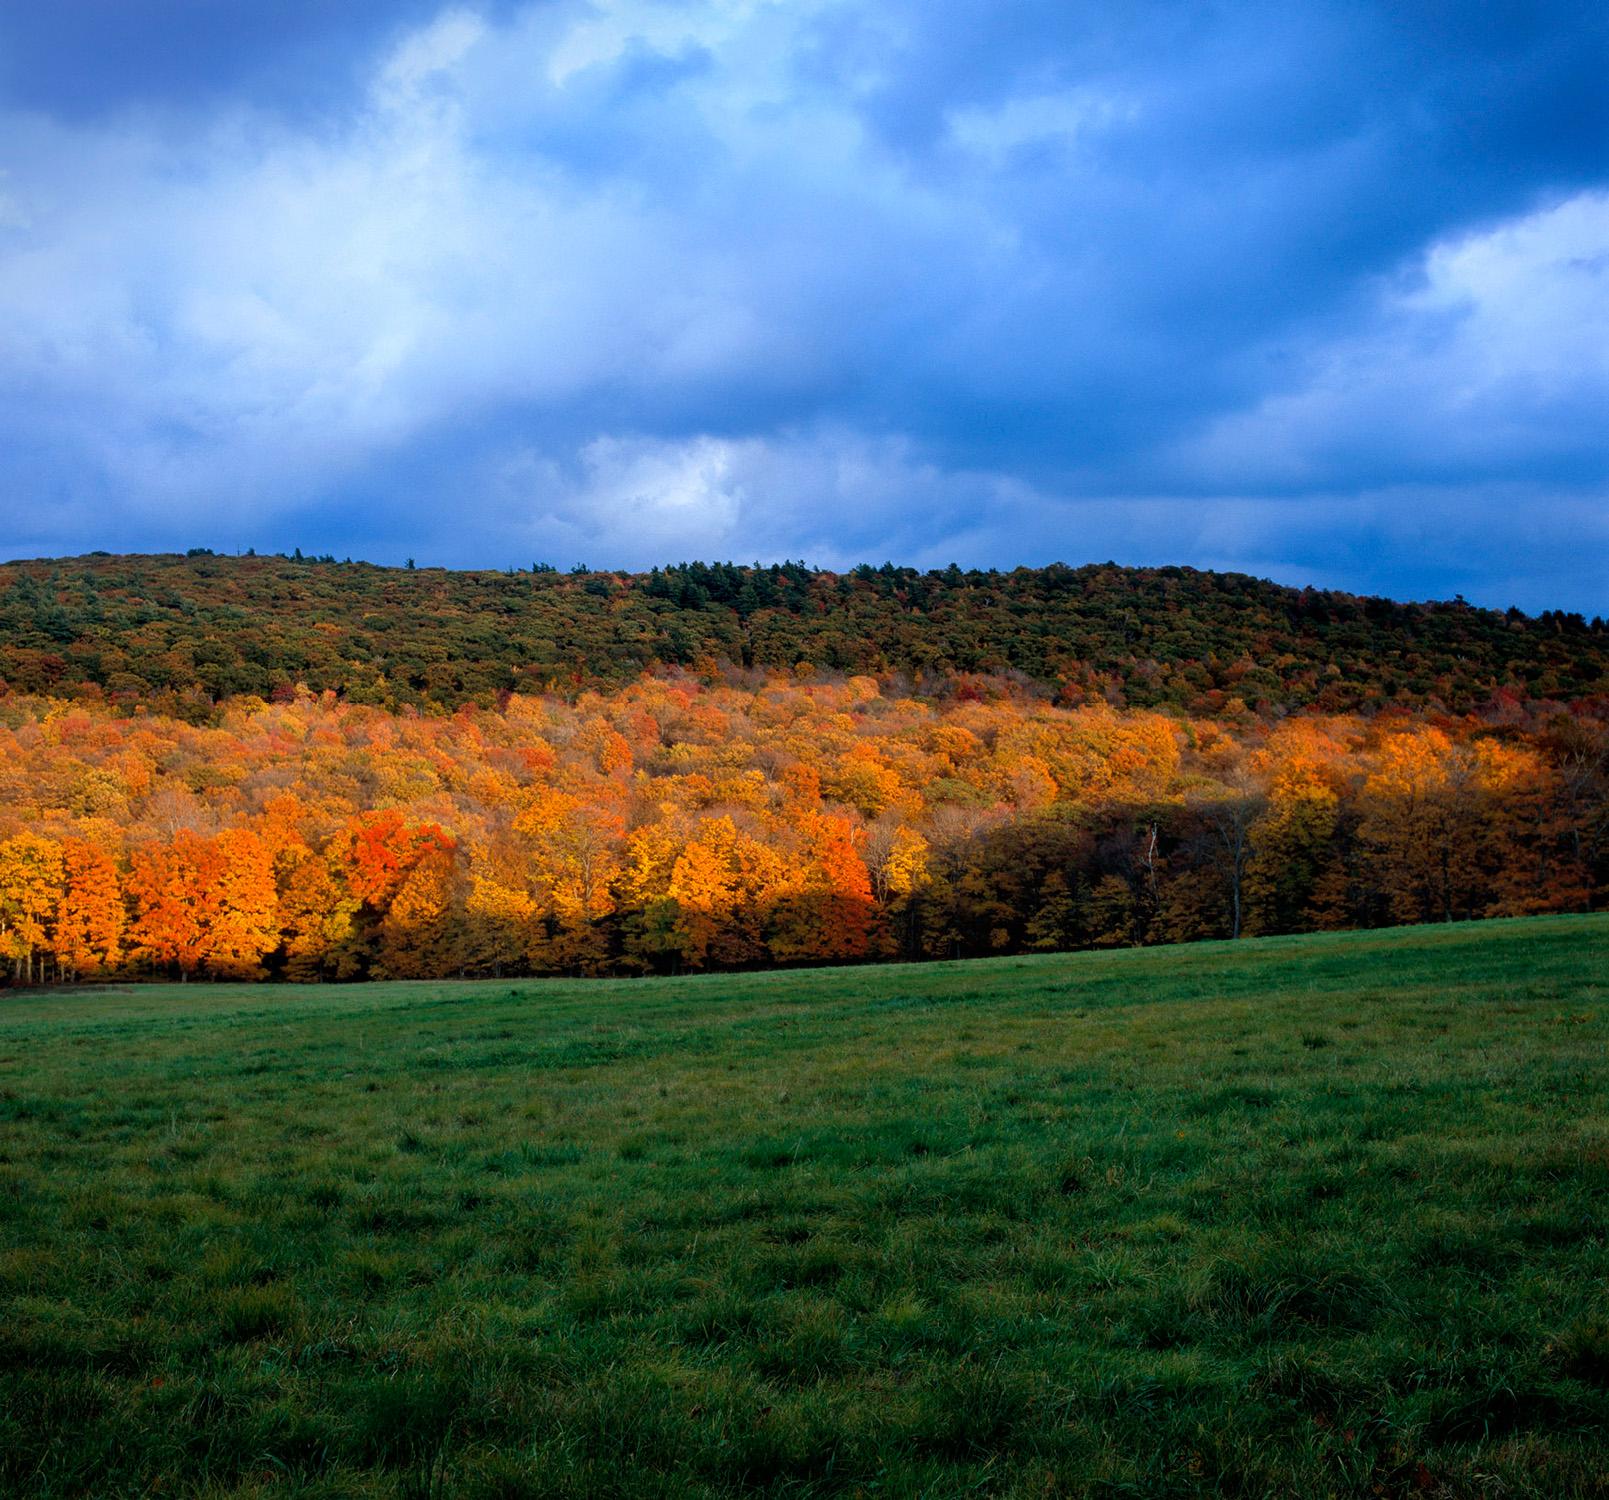 fall_colors.jpg